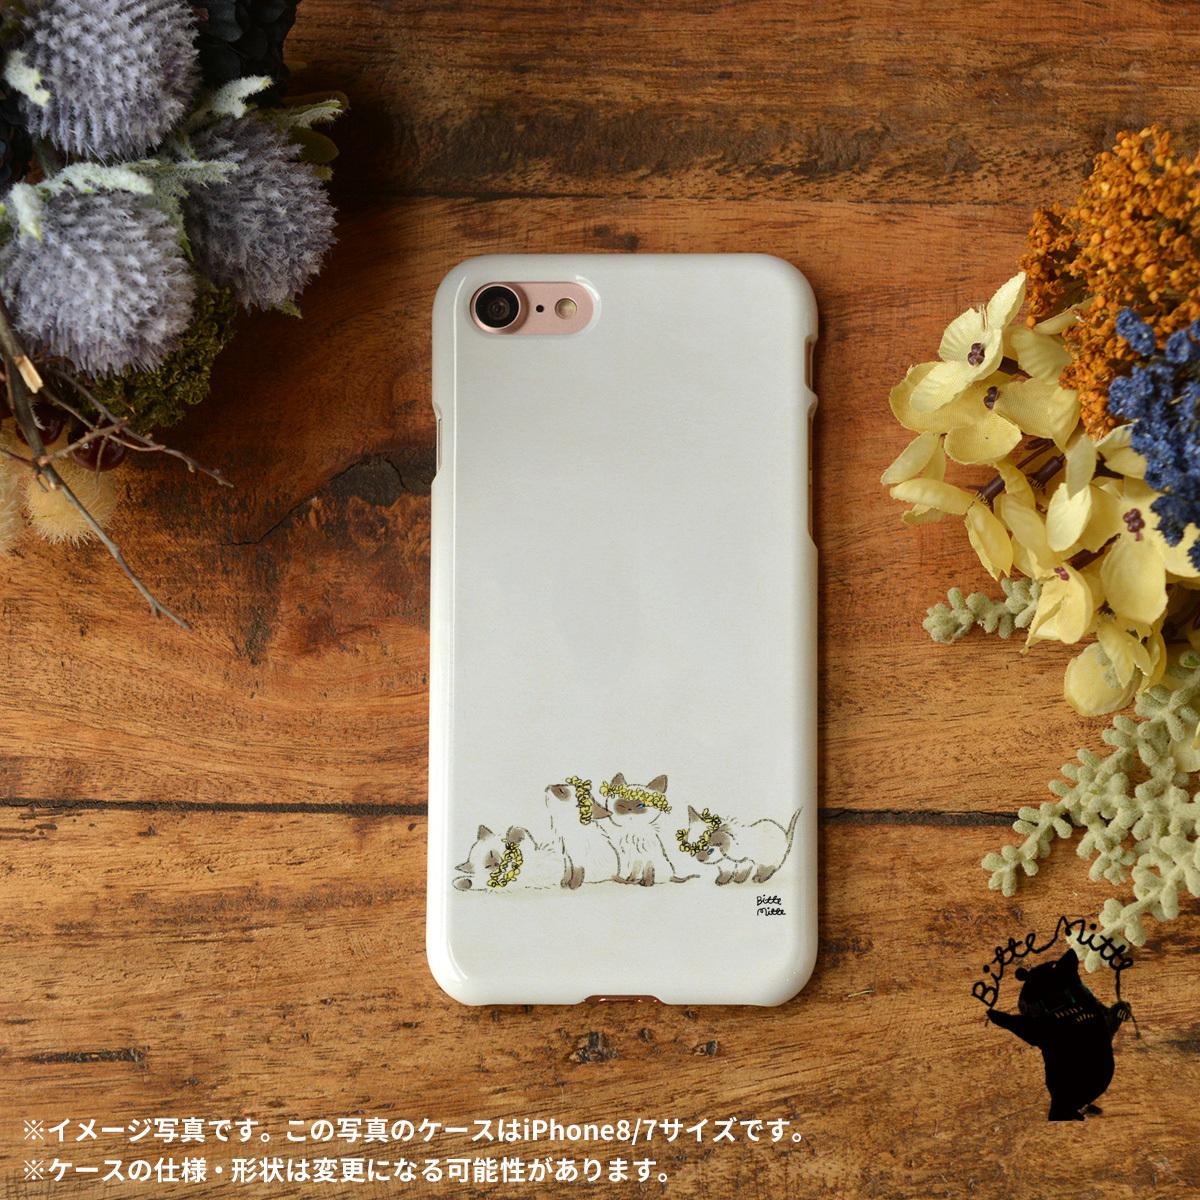 iphone8 ハードケース おしゃれ iphone8 ハードケース シンプル iphone7 ケース かわいい ネコ 猫 ねこ 花 子猫と花飾り/Bitte Mitte!